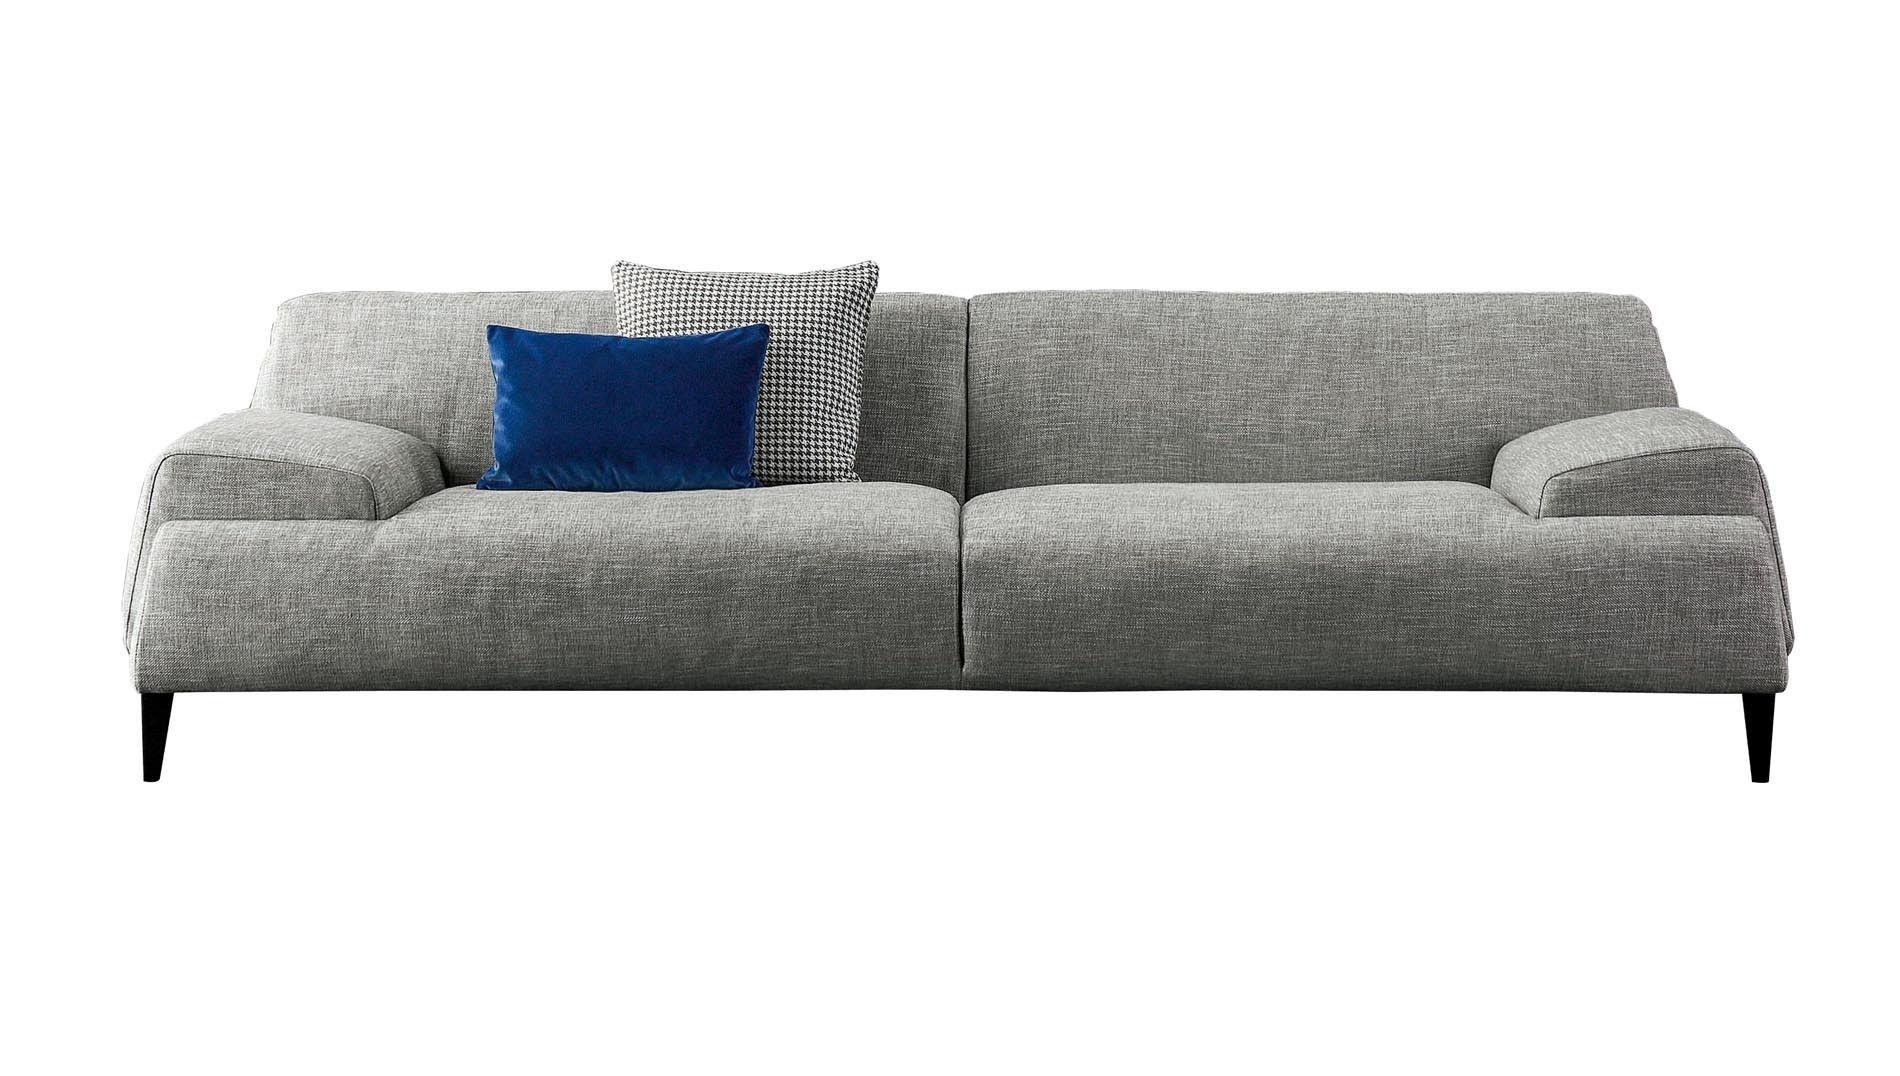 Bonaldo cave sofa buy online at luxdeco